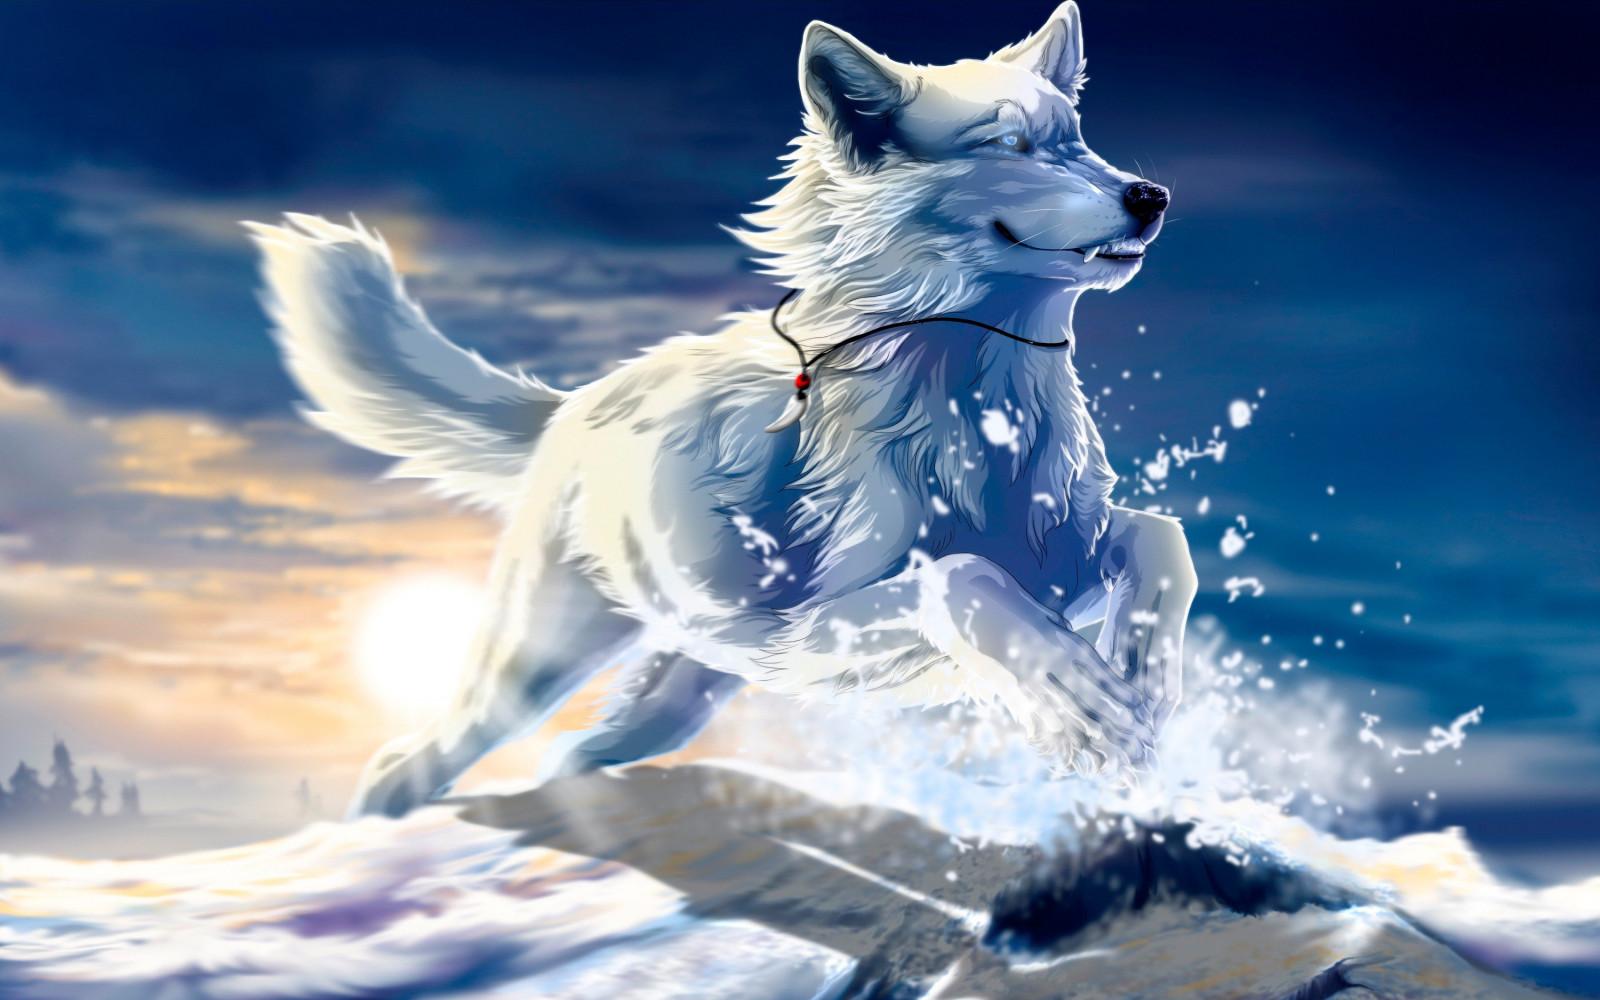 Февраля днем, картинки волки красивые фэнтези